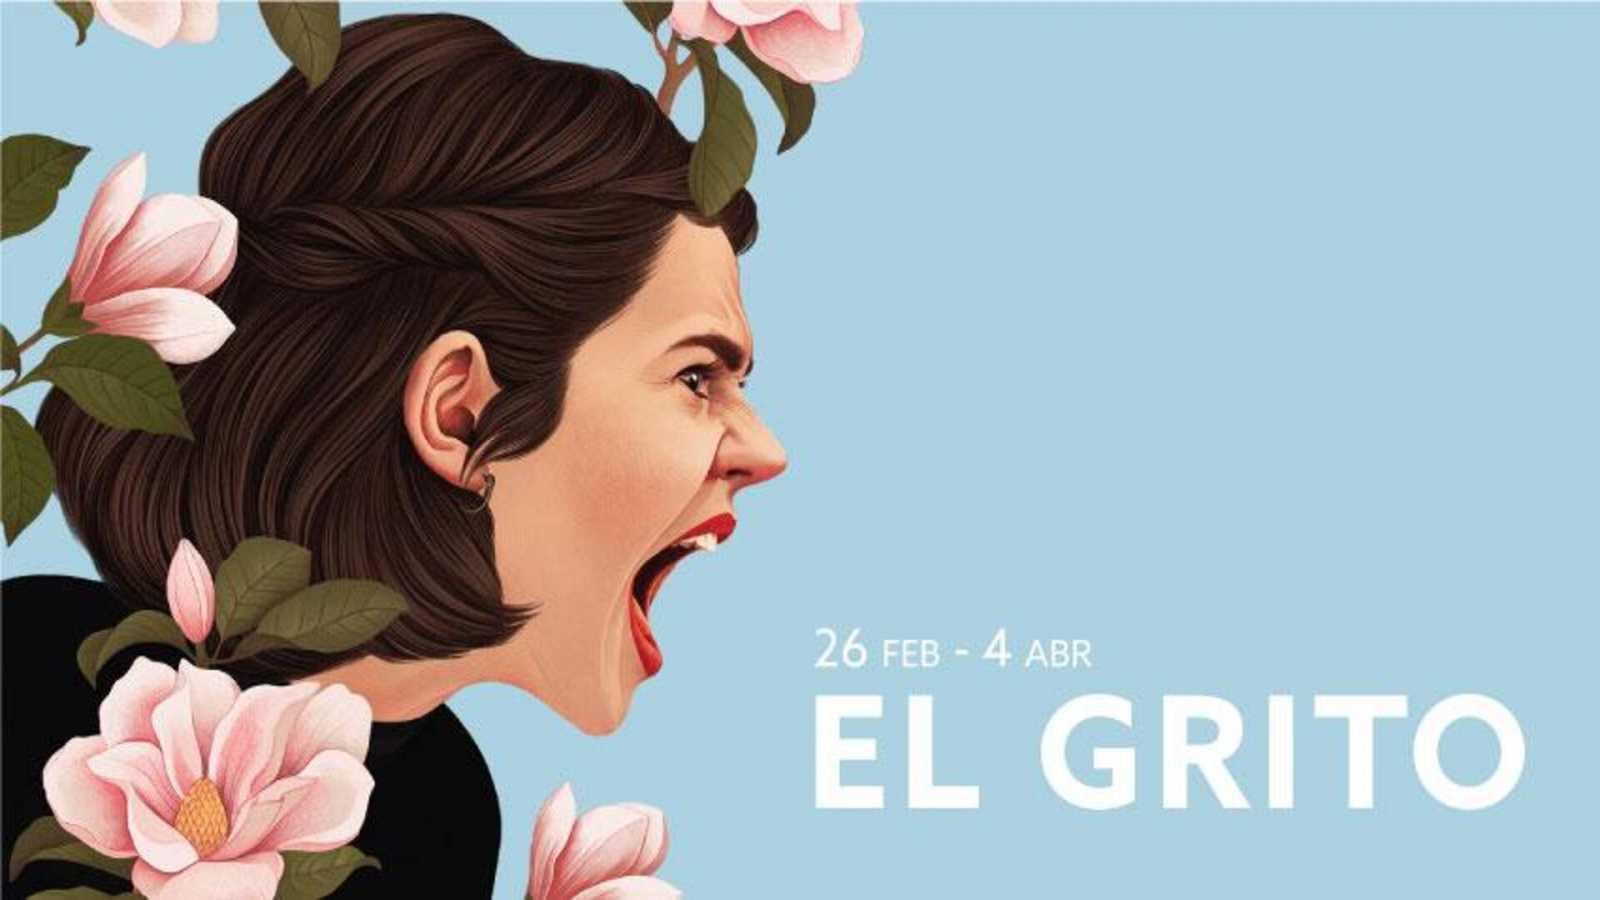 Las mañanas de RNE con Pepa Fernández - 'El grito', el nuevo proyecto de Pilar de Yzaguirre - escuchar ahora